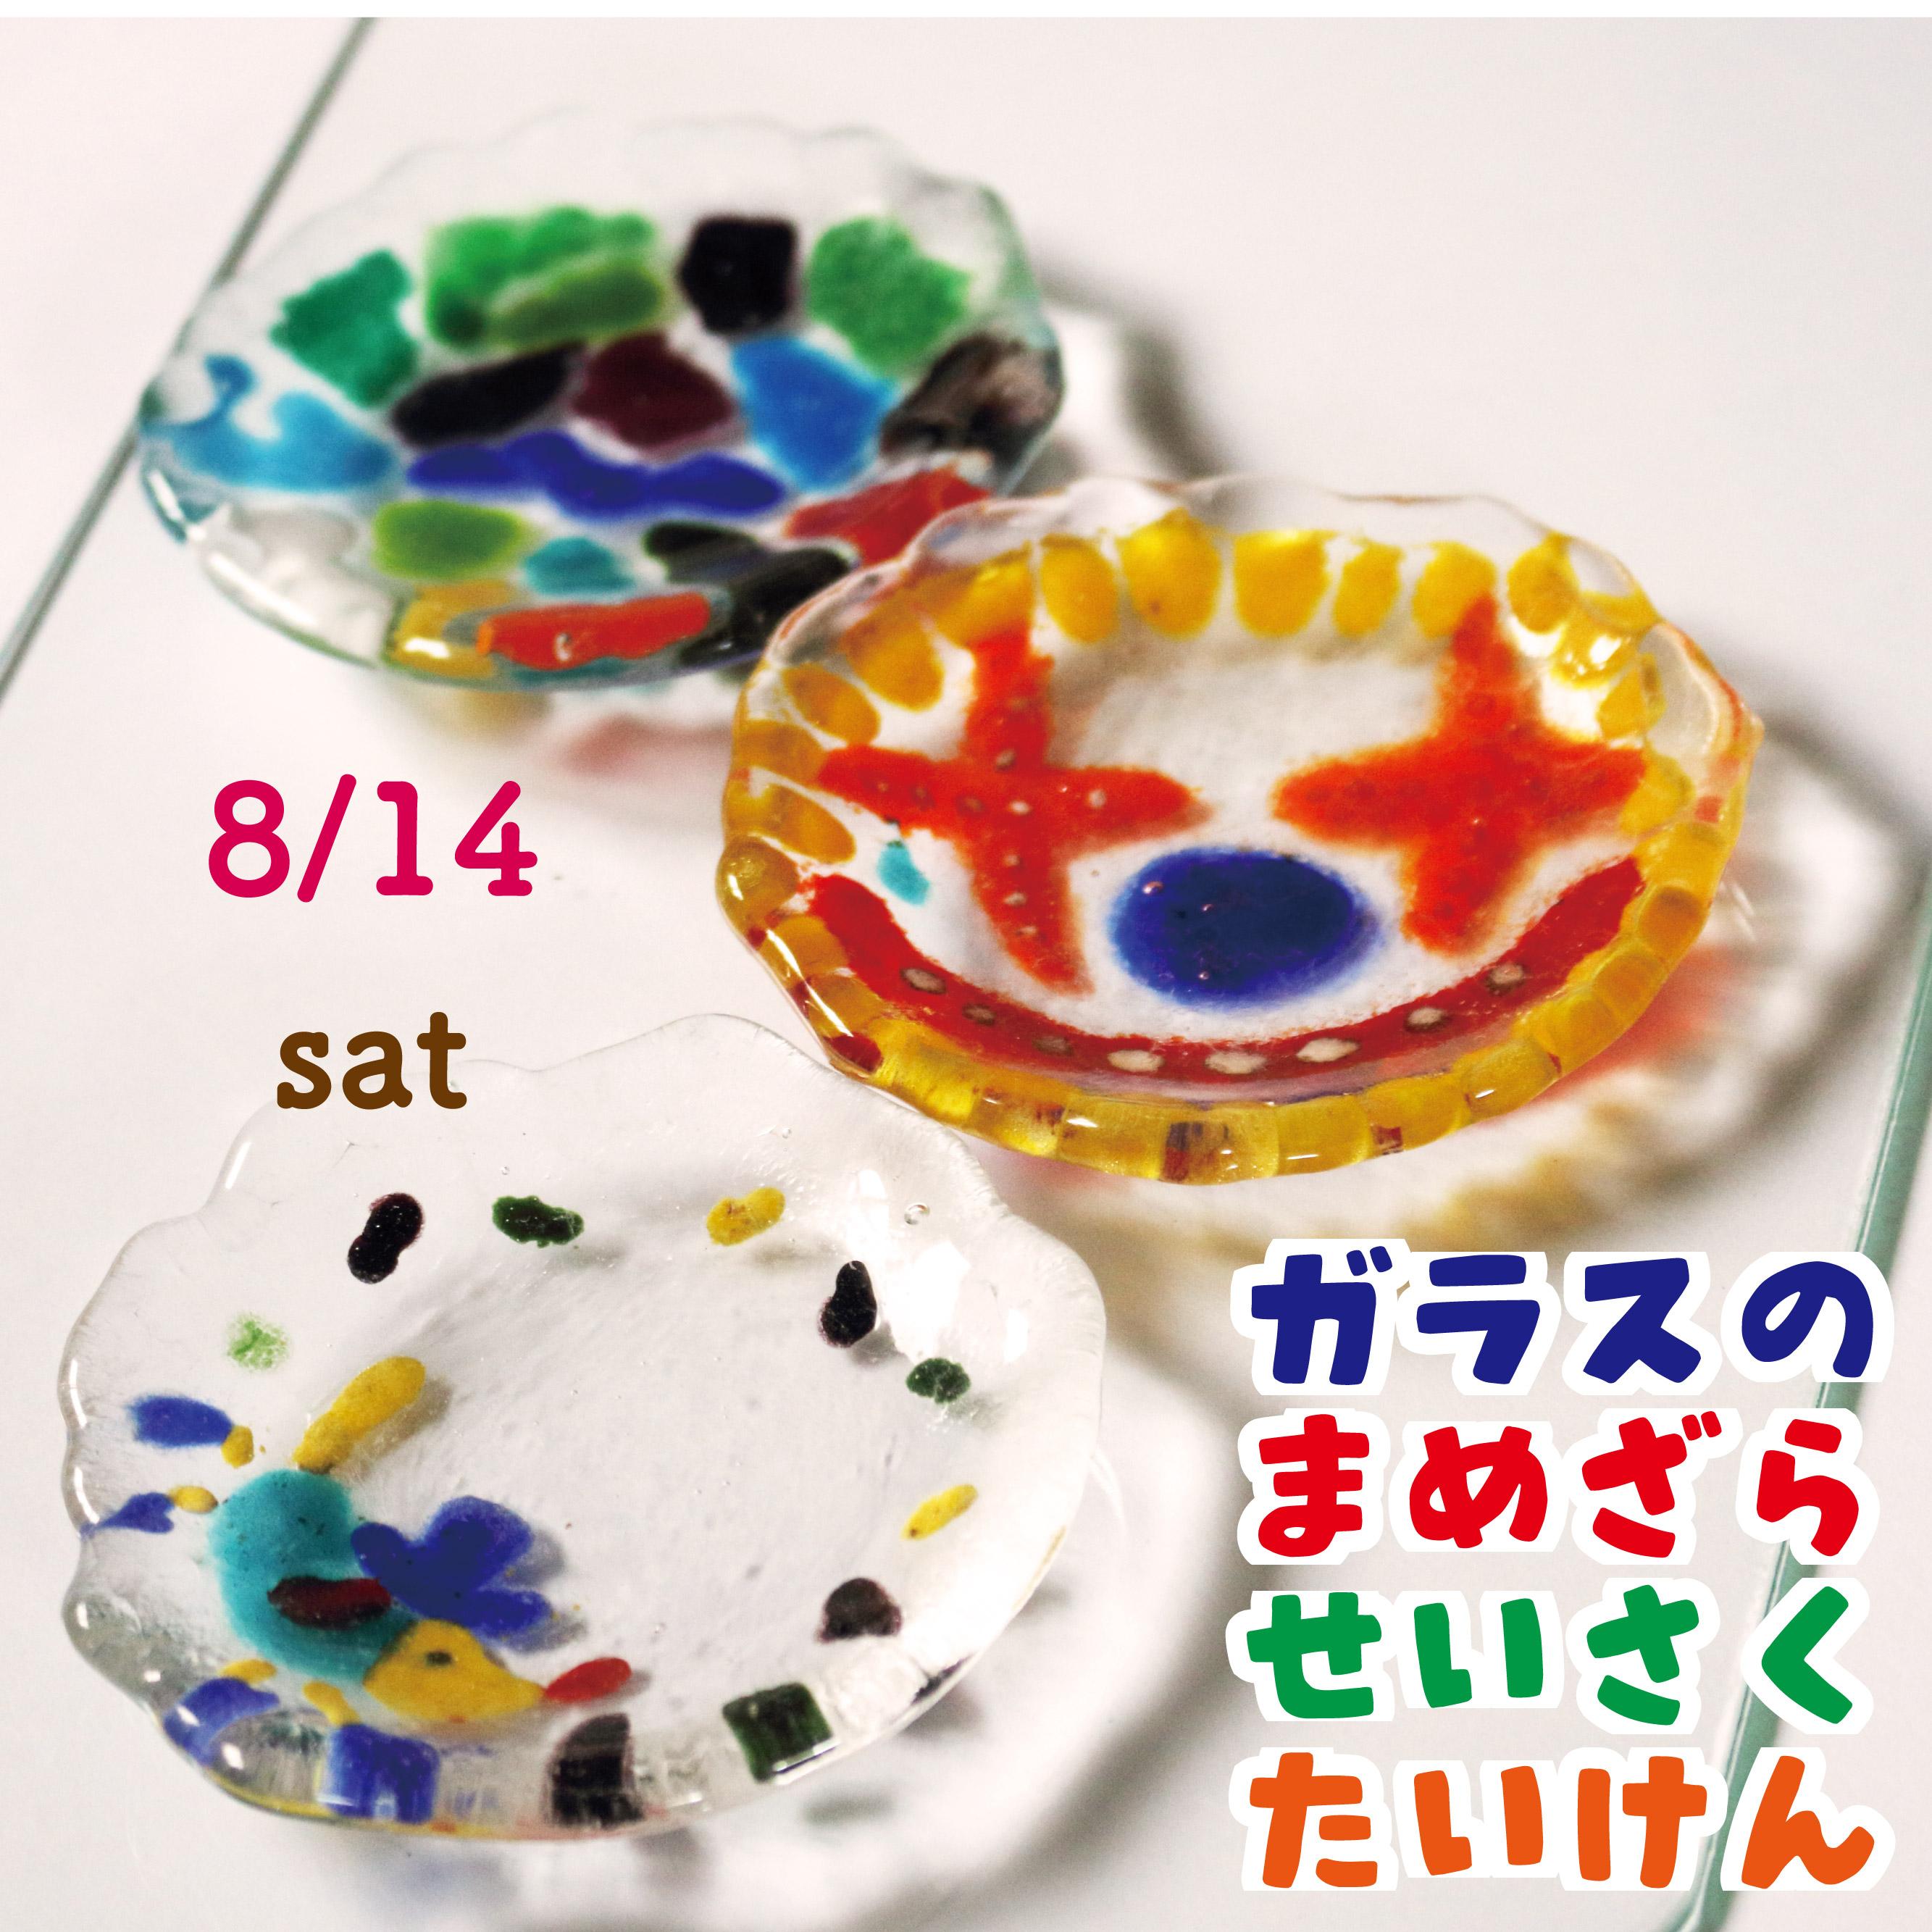 ガラスで豆皿を制作できる体験会のご紹介です♪【Florist SakuSaku(神奈川県)】